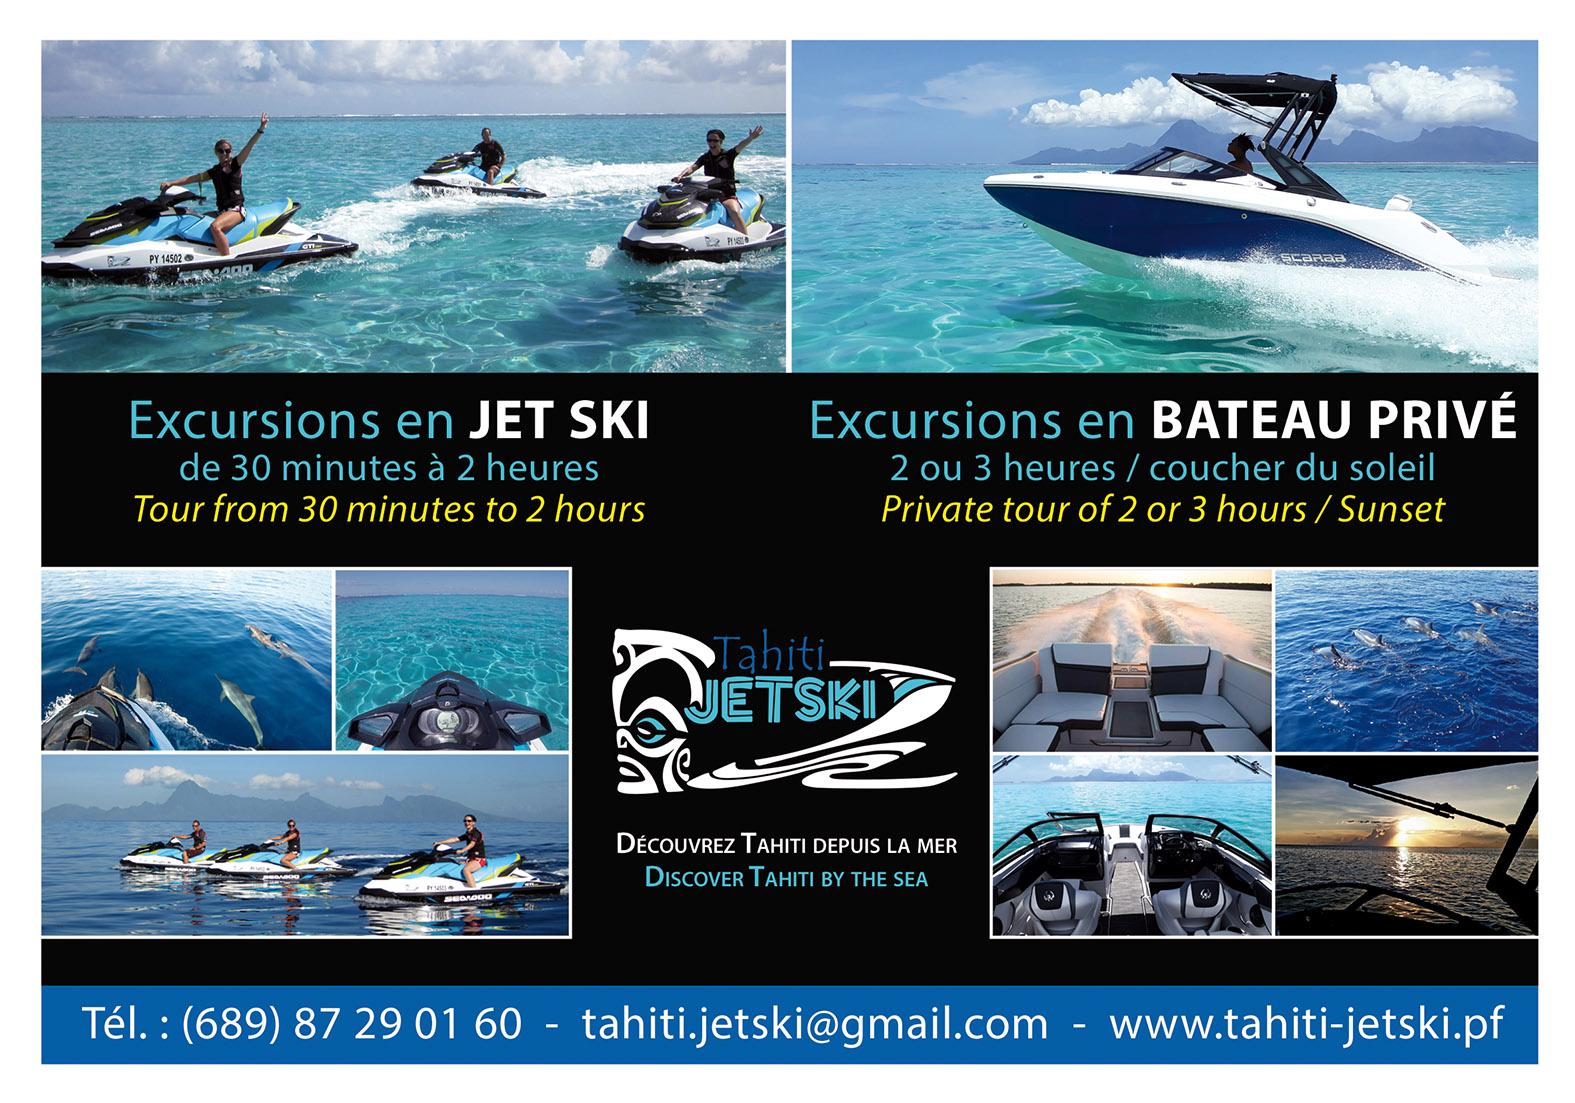 https://tahititourisme.de/wp-content/uploads/2017/08/Tahiti-Jet-Ski-190x130-sept-2.jpg